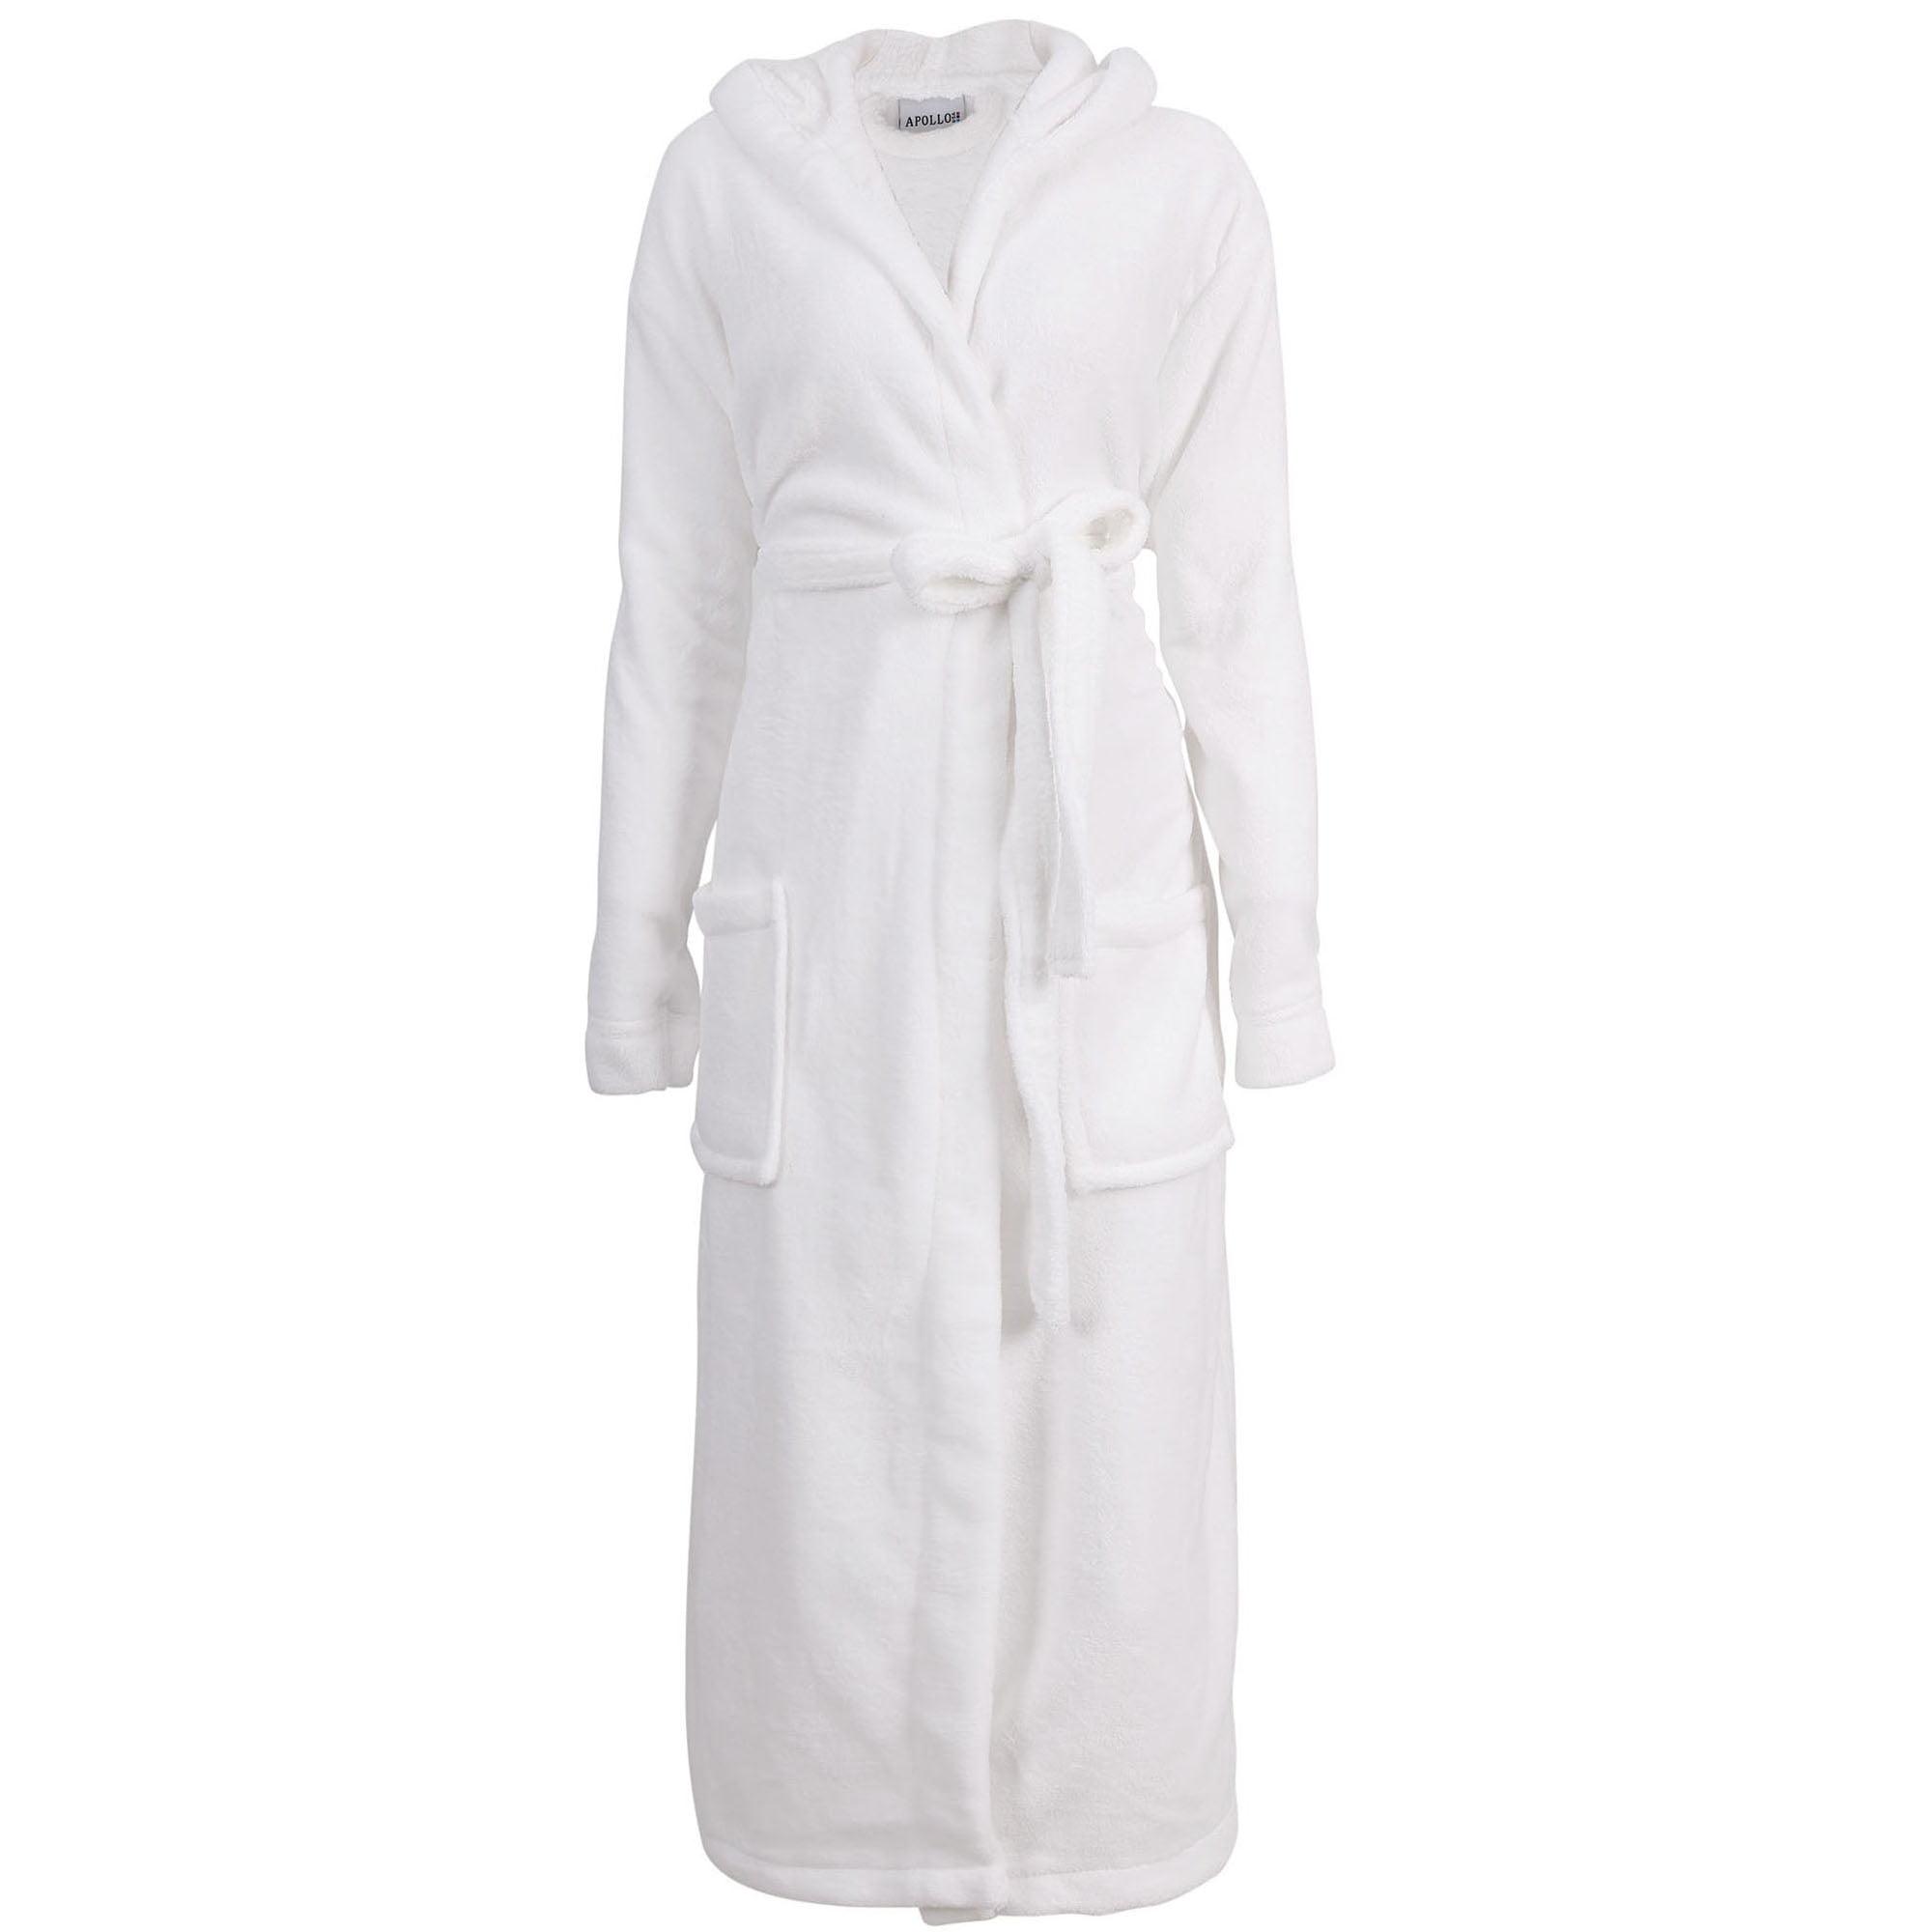 BASILICA - Men s Hotel Fleece Terry Pocketed Bathrobe Robe with Hood ... 634e6785a